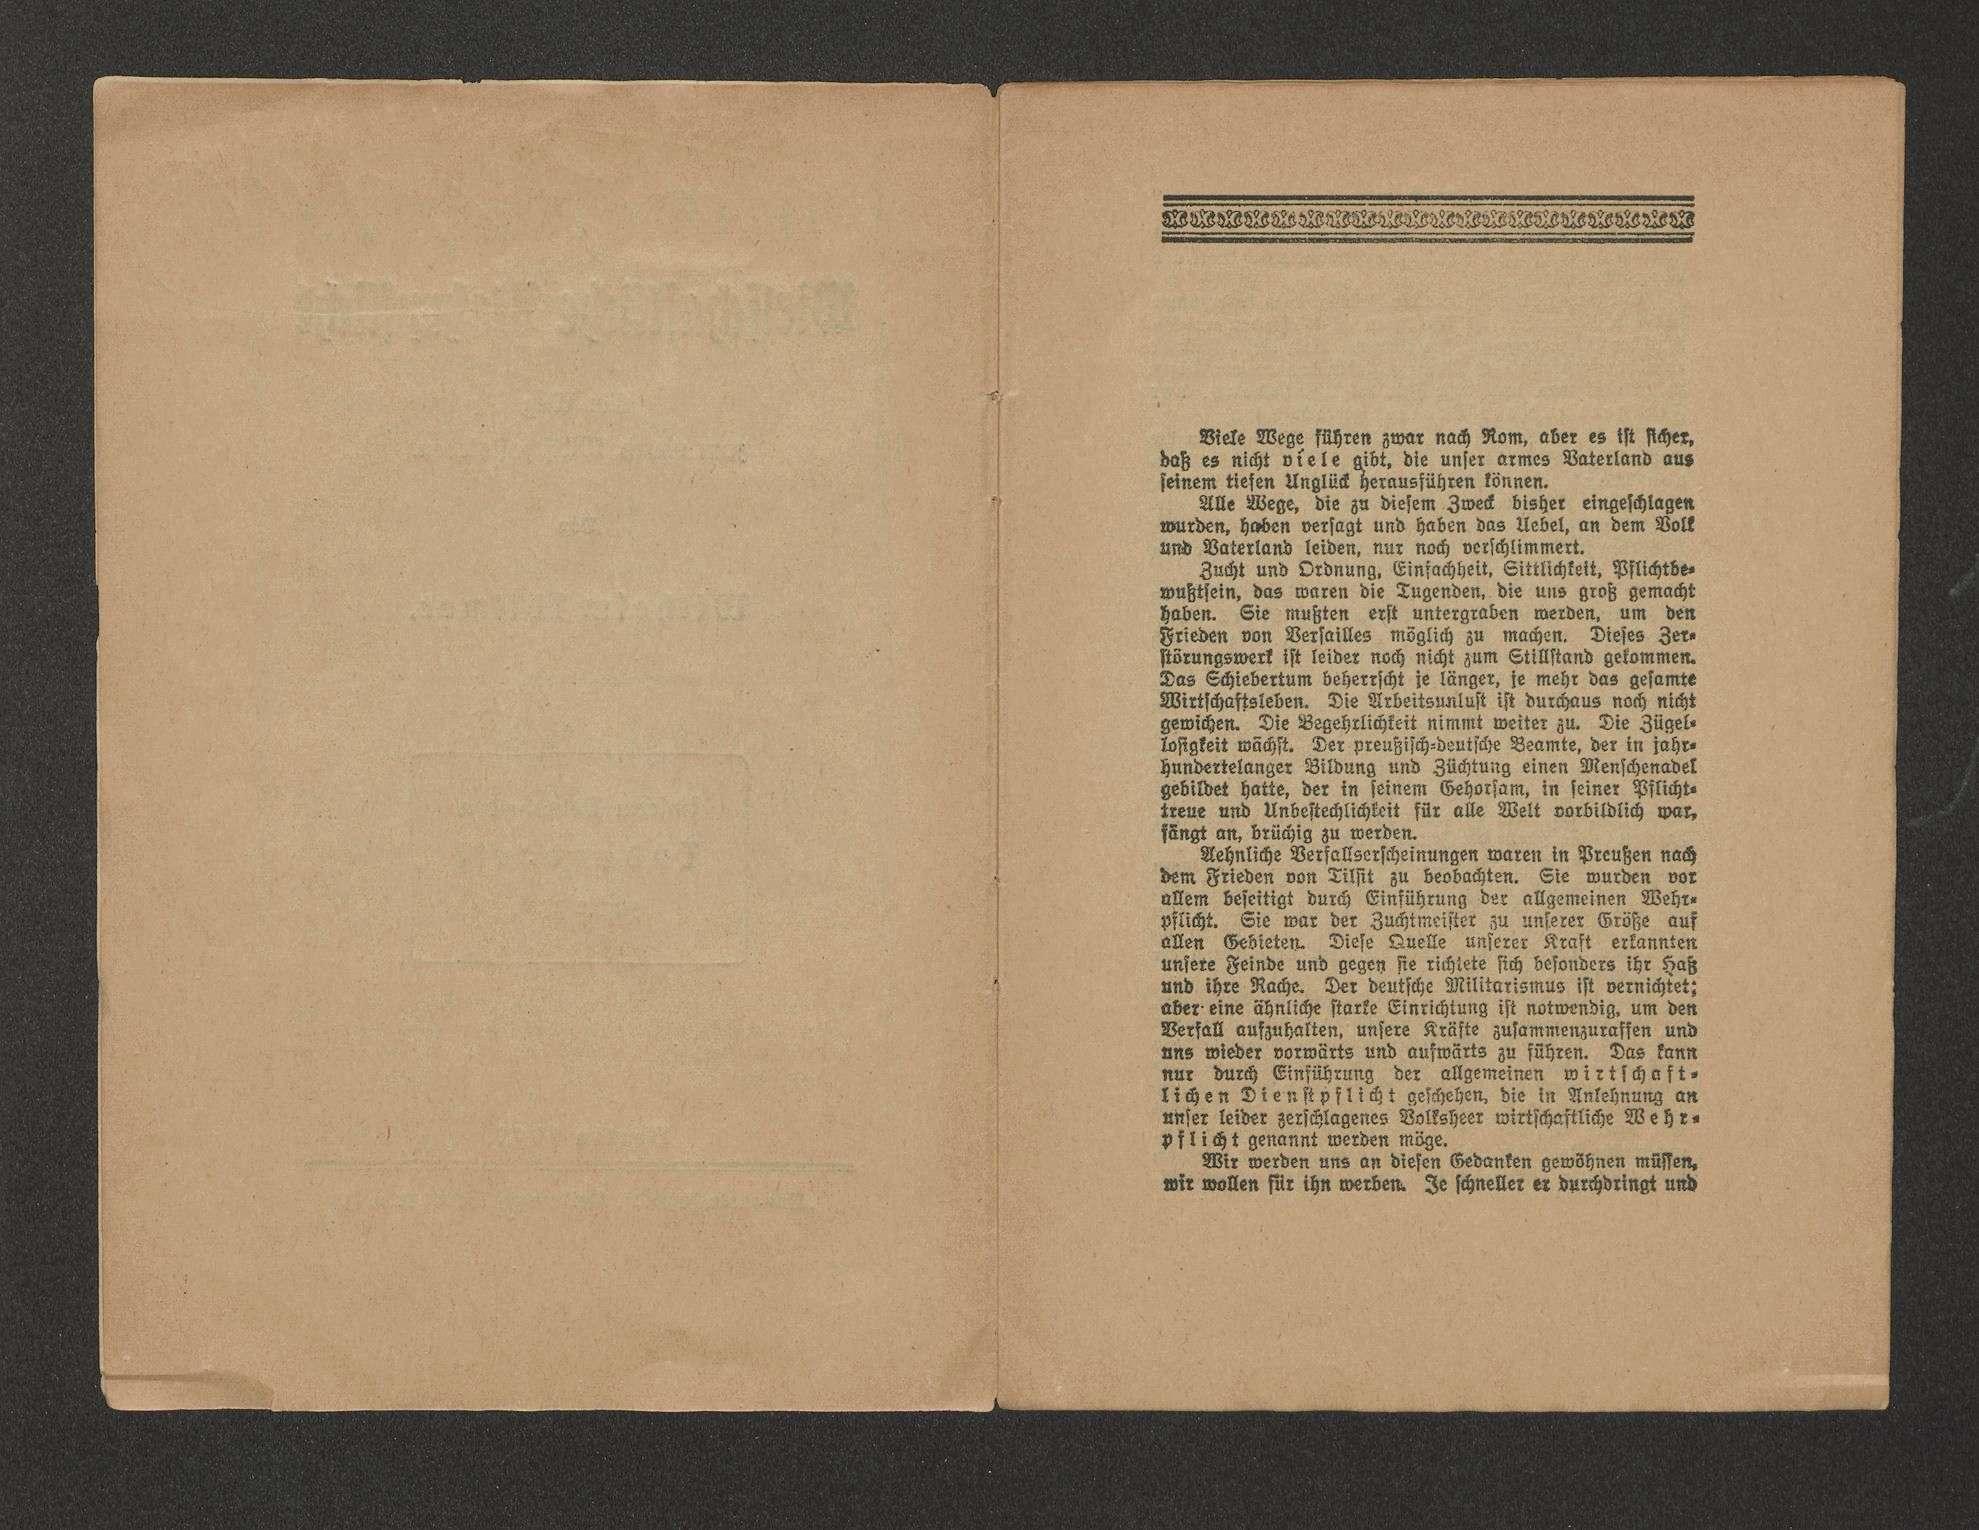 """Wirtschaftliche Wehrpflicht, ein Weg zum neuen Wirtschaftsleben, Föllmer, Wilhelm, Berlin, """"Nationale Jugend"""", Verl.-Ges., 1920, 16 S., Bild 3"""